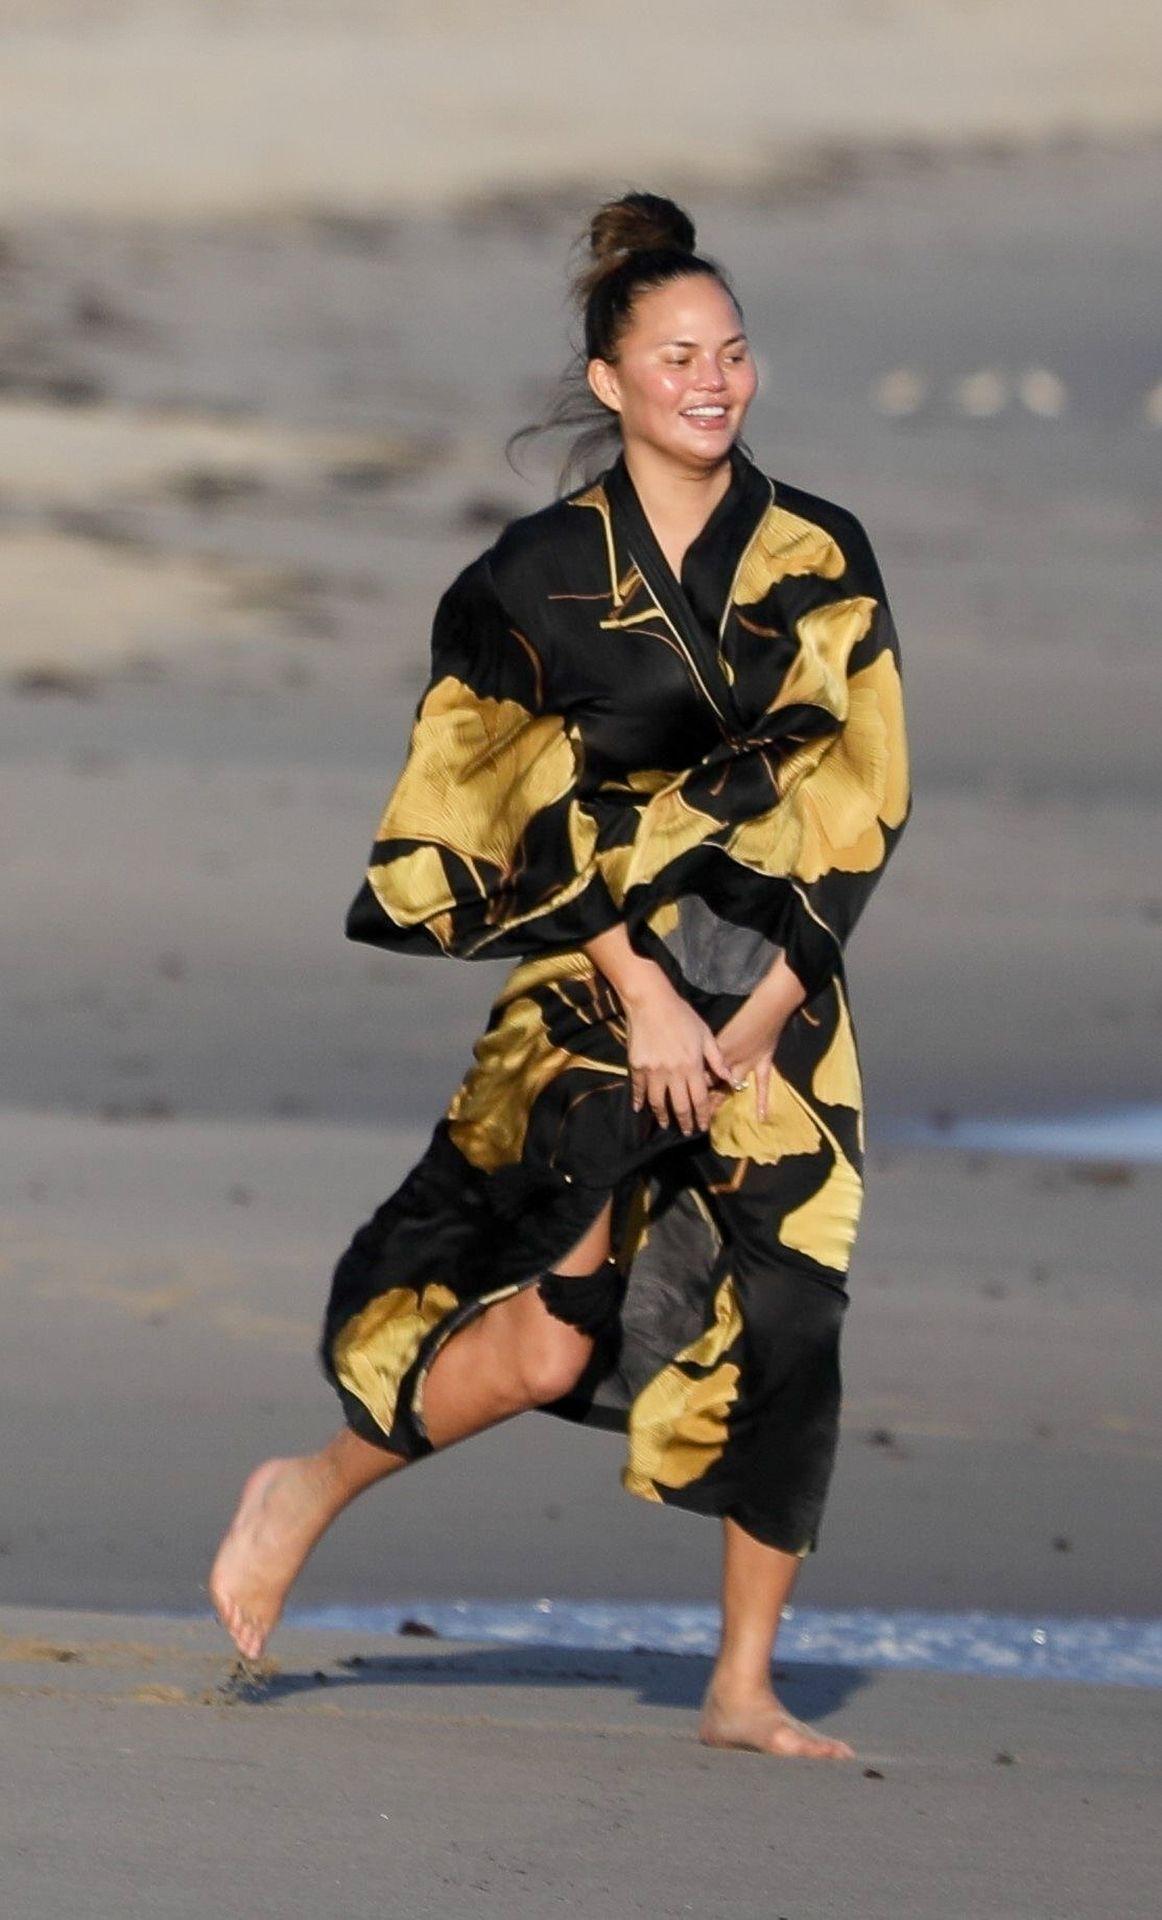 Chrissy Teigen Enjoys A Beach Day In Malibu Amid All Coronavirus Chaos 0003